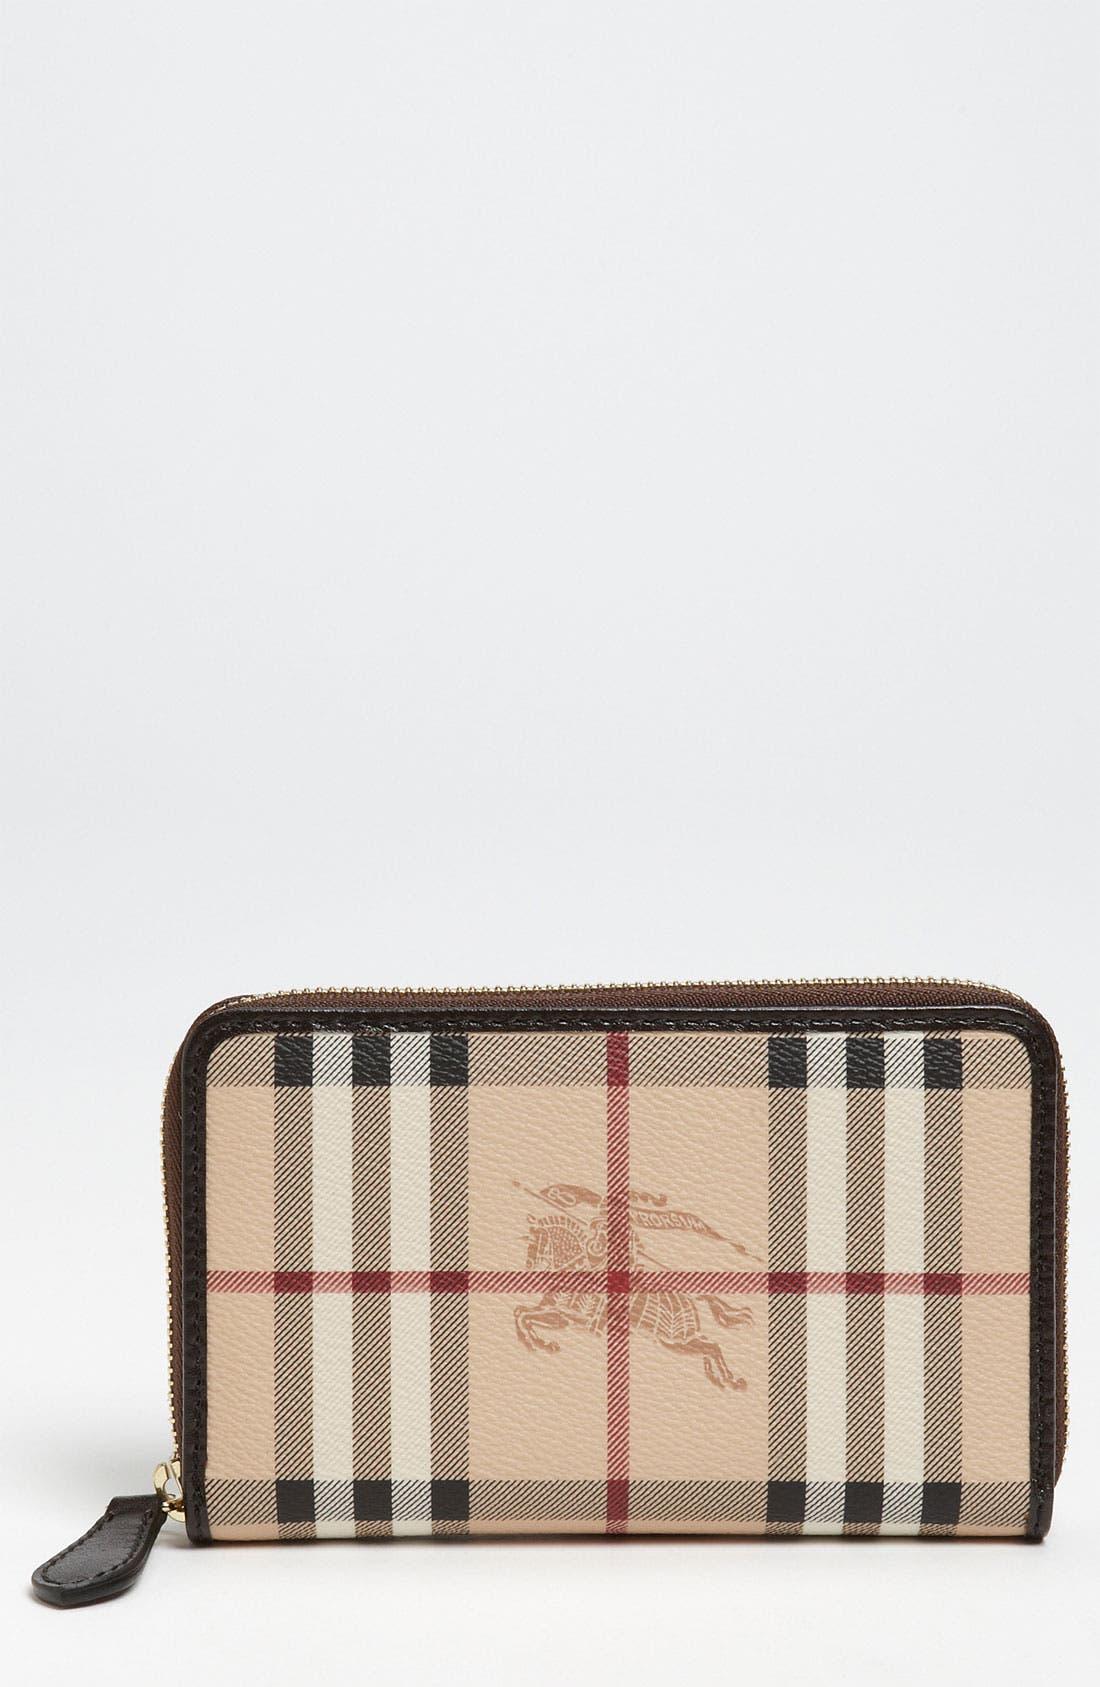 Main Image - Burberry 'Haymarket Check' Compact Zip Around Wallet